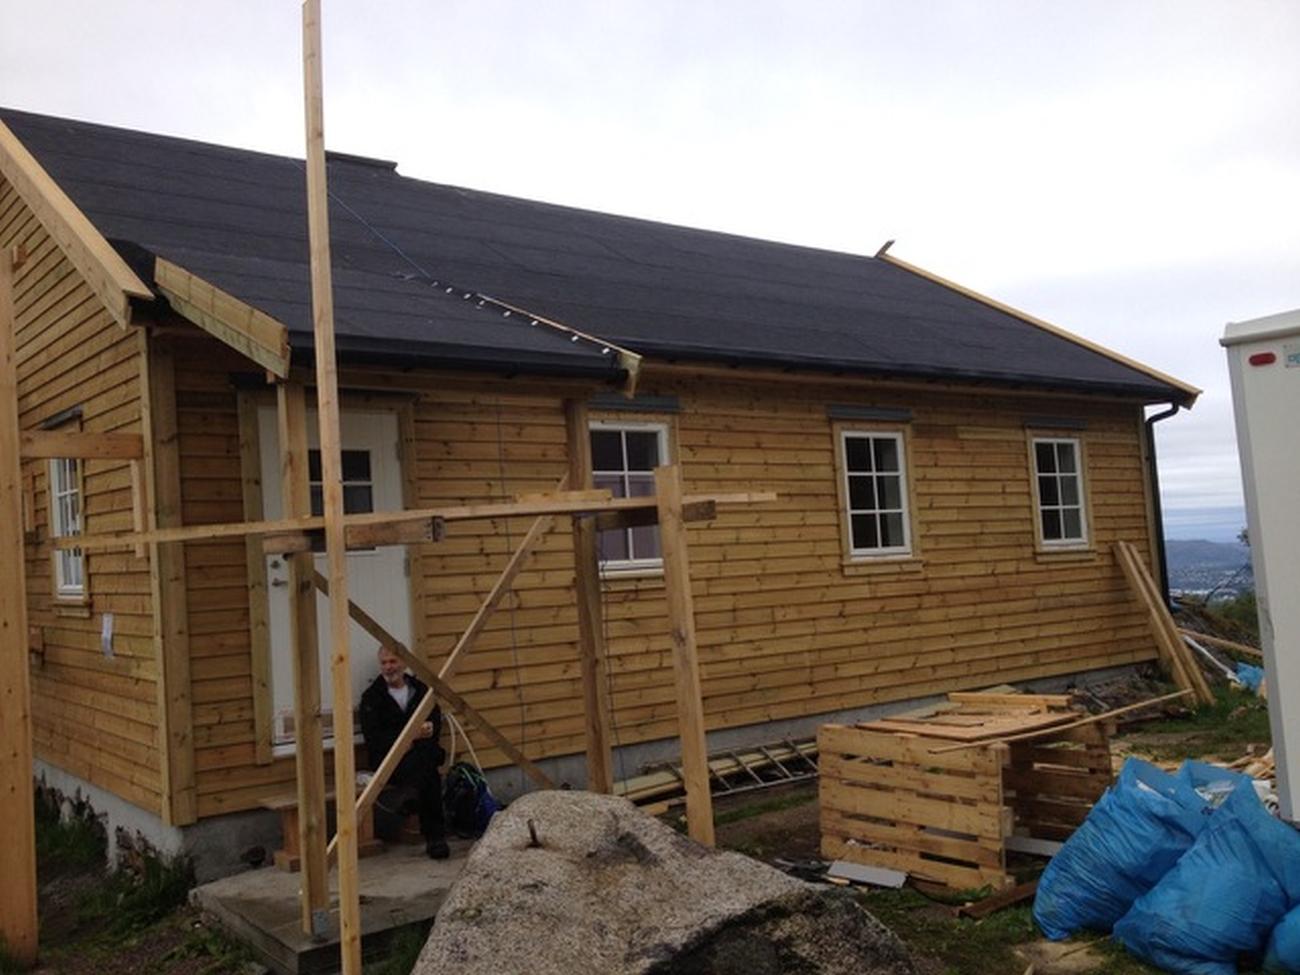 Viggo-hytten er nesten helt ferdig etter gjenoppbyggingen. Foto: Viggo